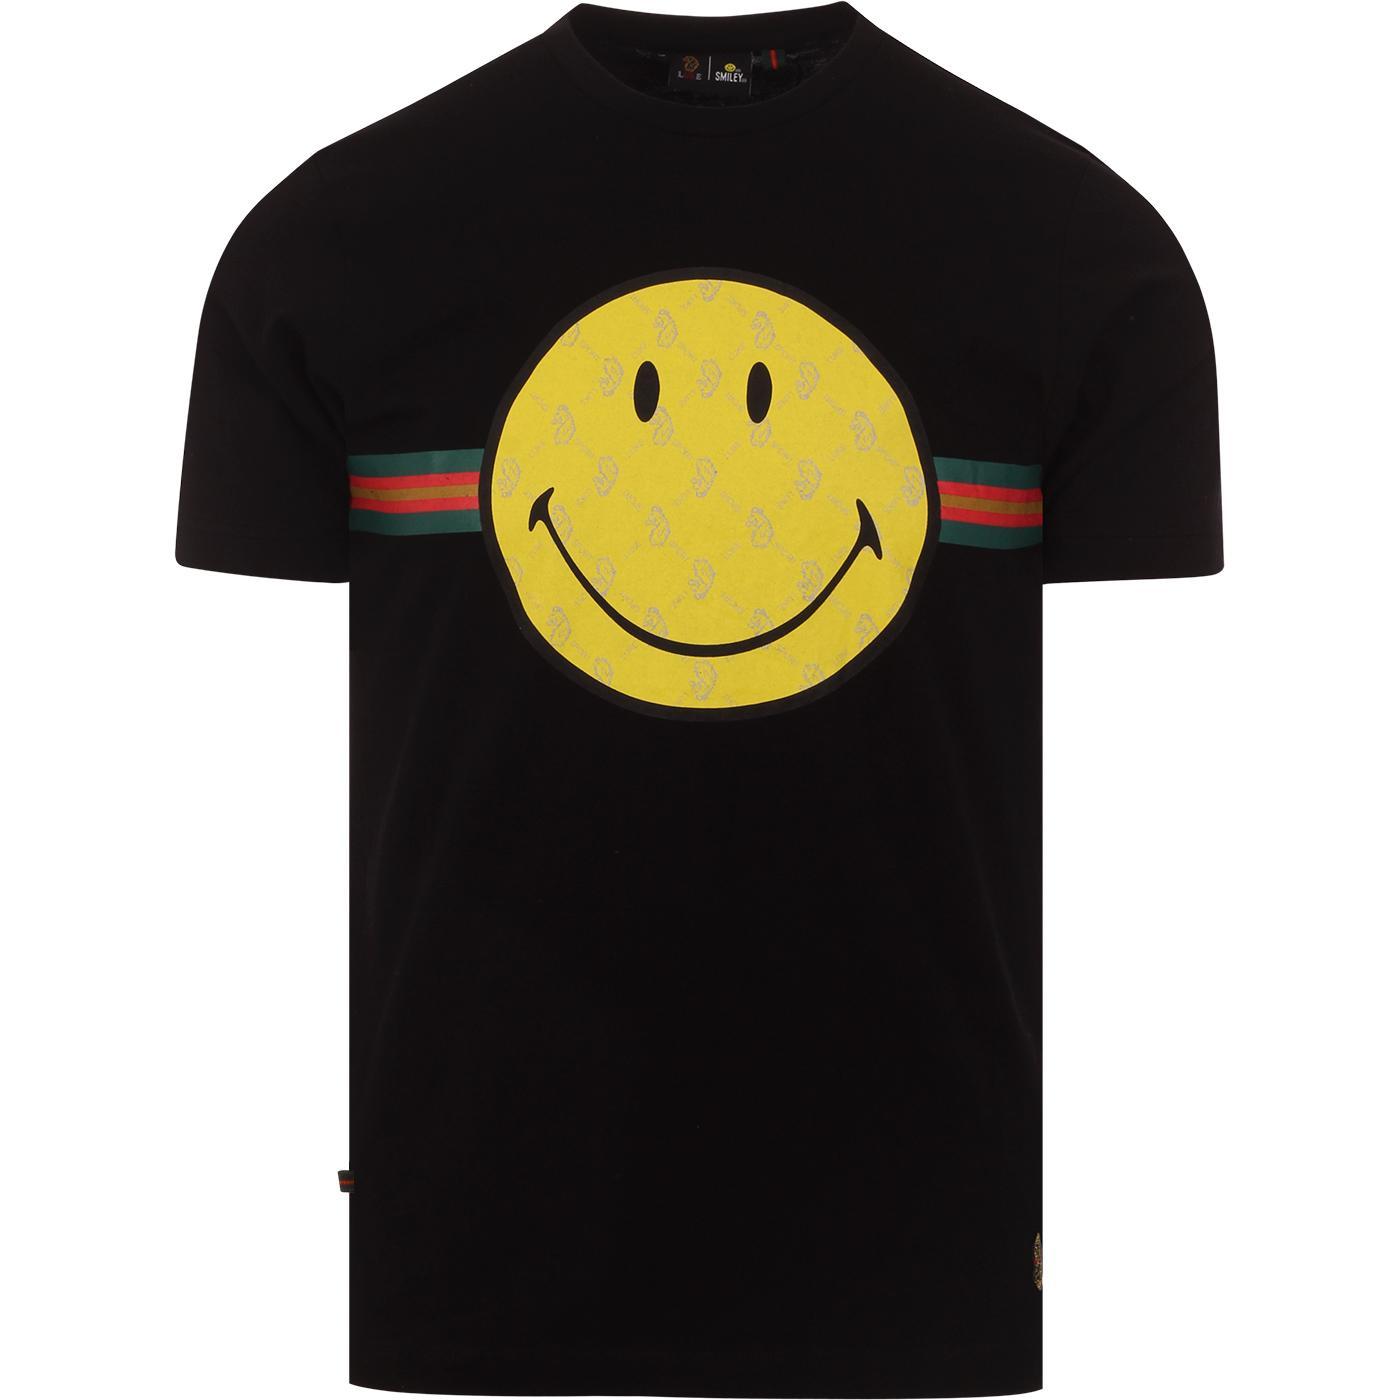 LUKE x SMILEY Happy Days Retro Rave Tee (Black)